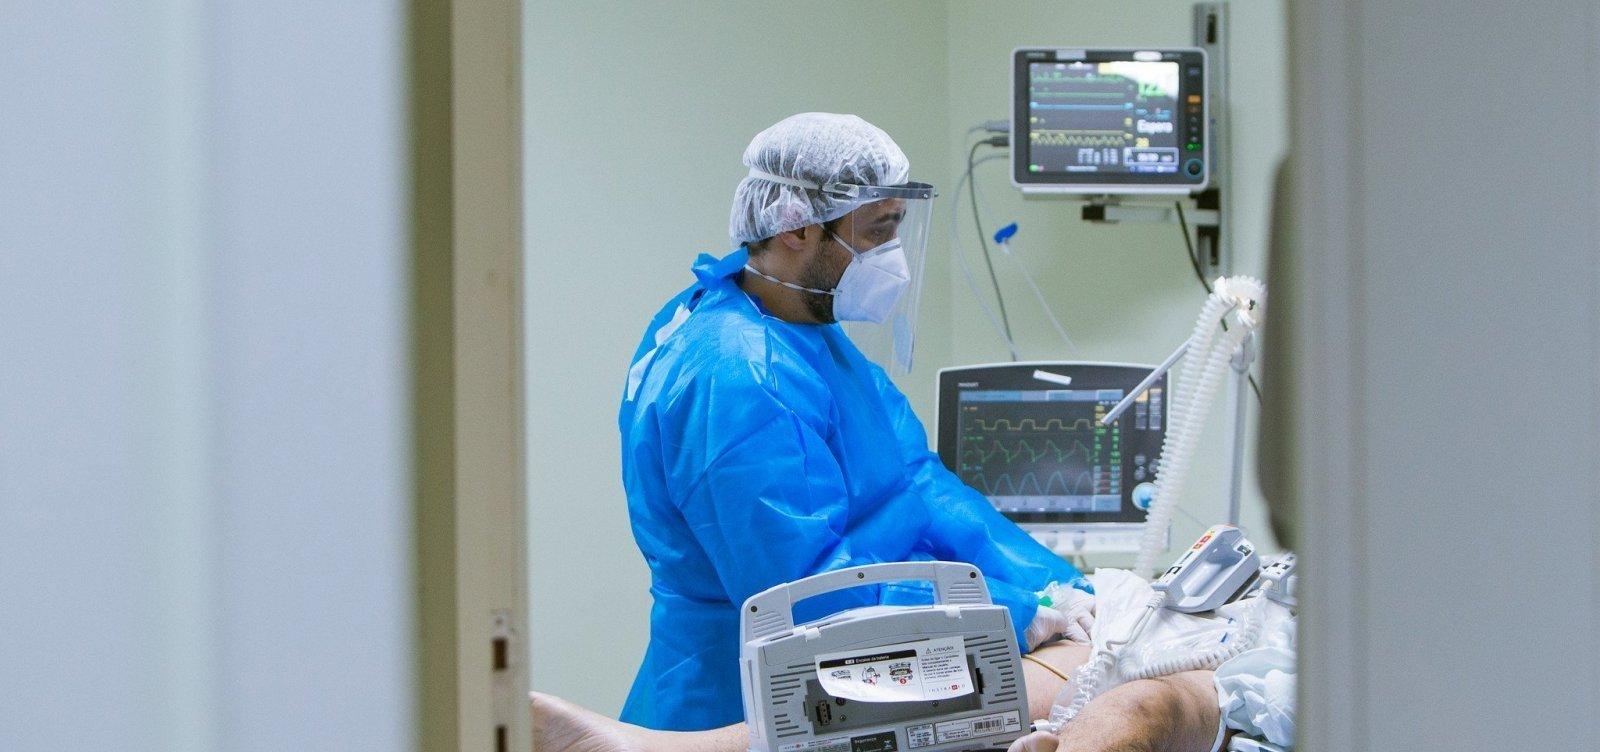 [Primeira morte por coronavírus no Brasil aconteceu em 12 de março, diz Ministério da Saúde]